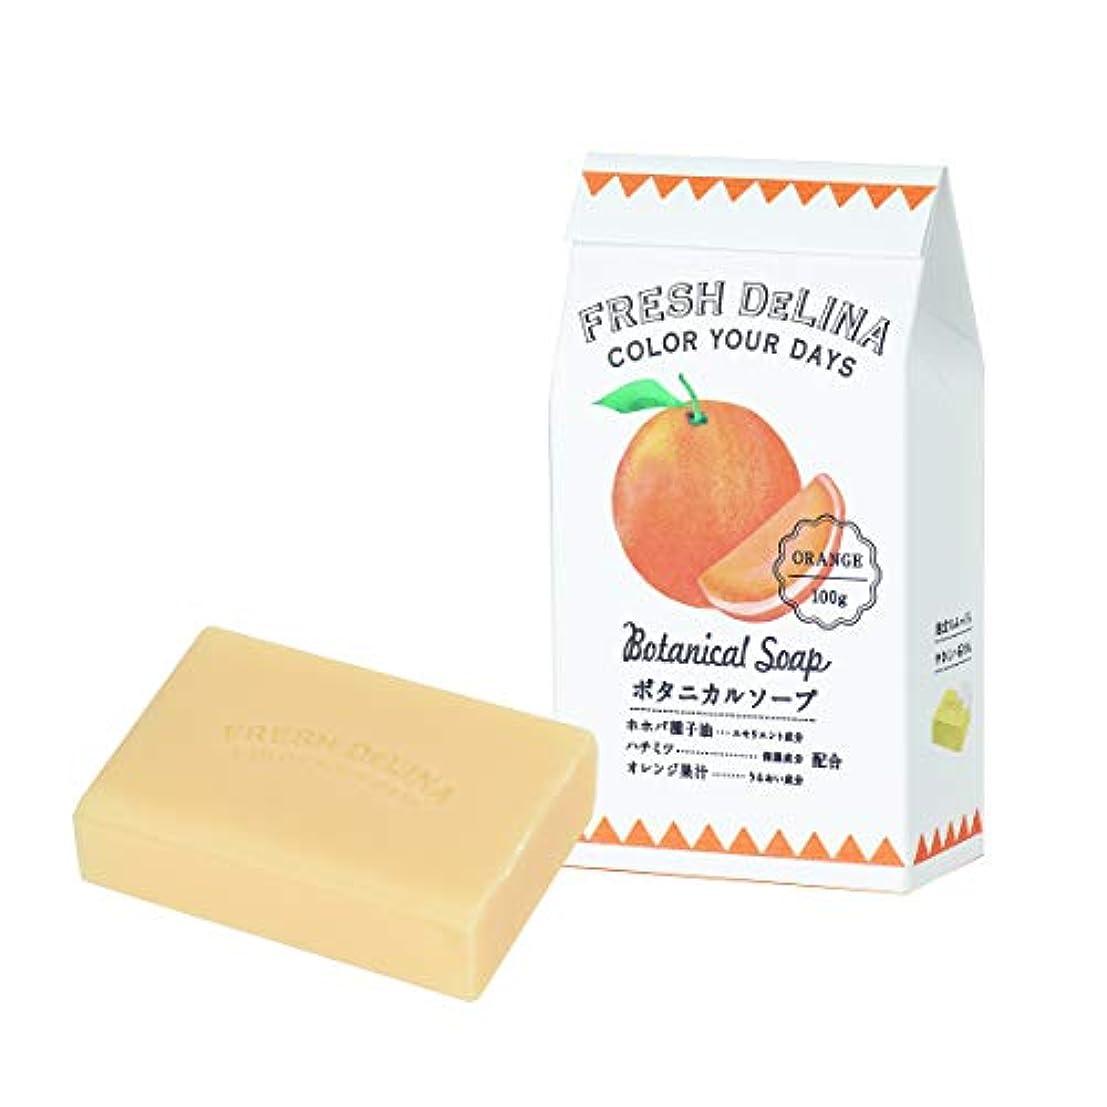 助言する性差別左フレッシュデリーナ ボタニカルソープ オレンジ 100g